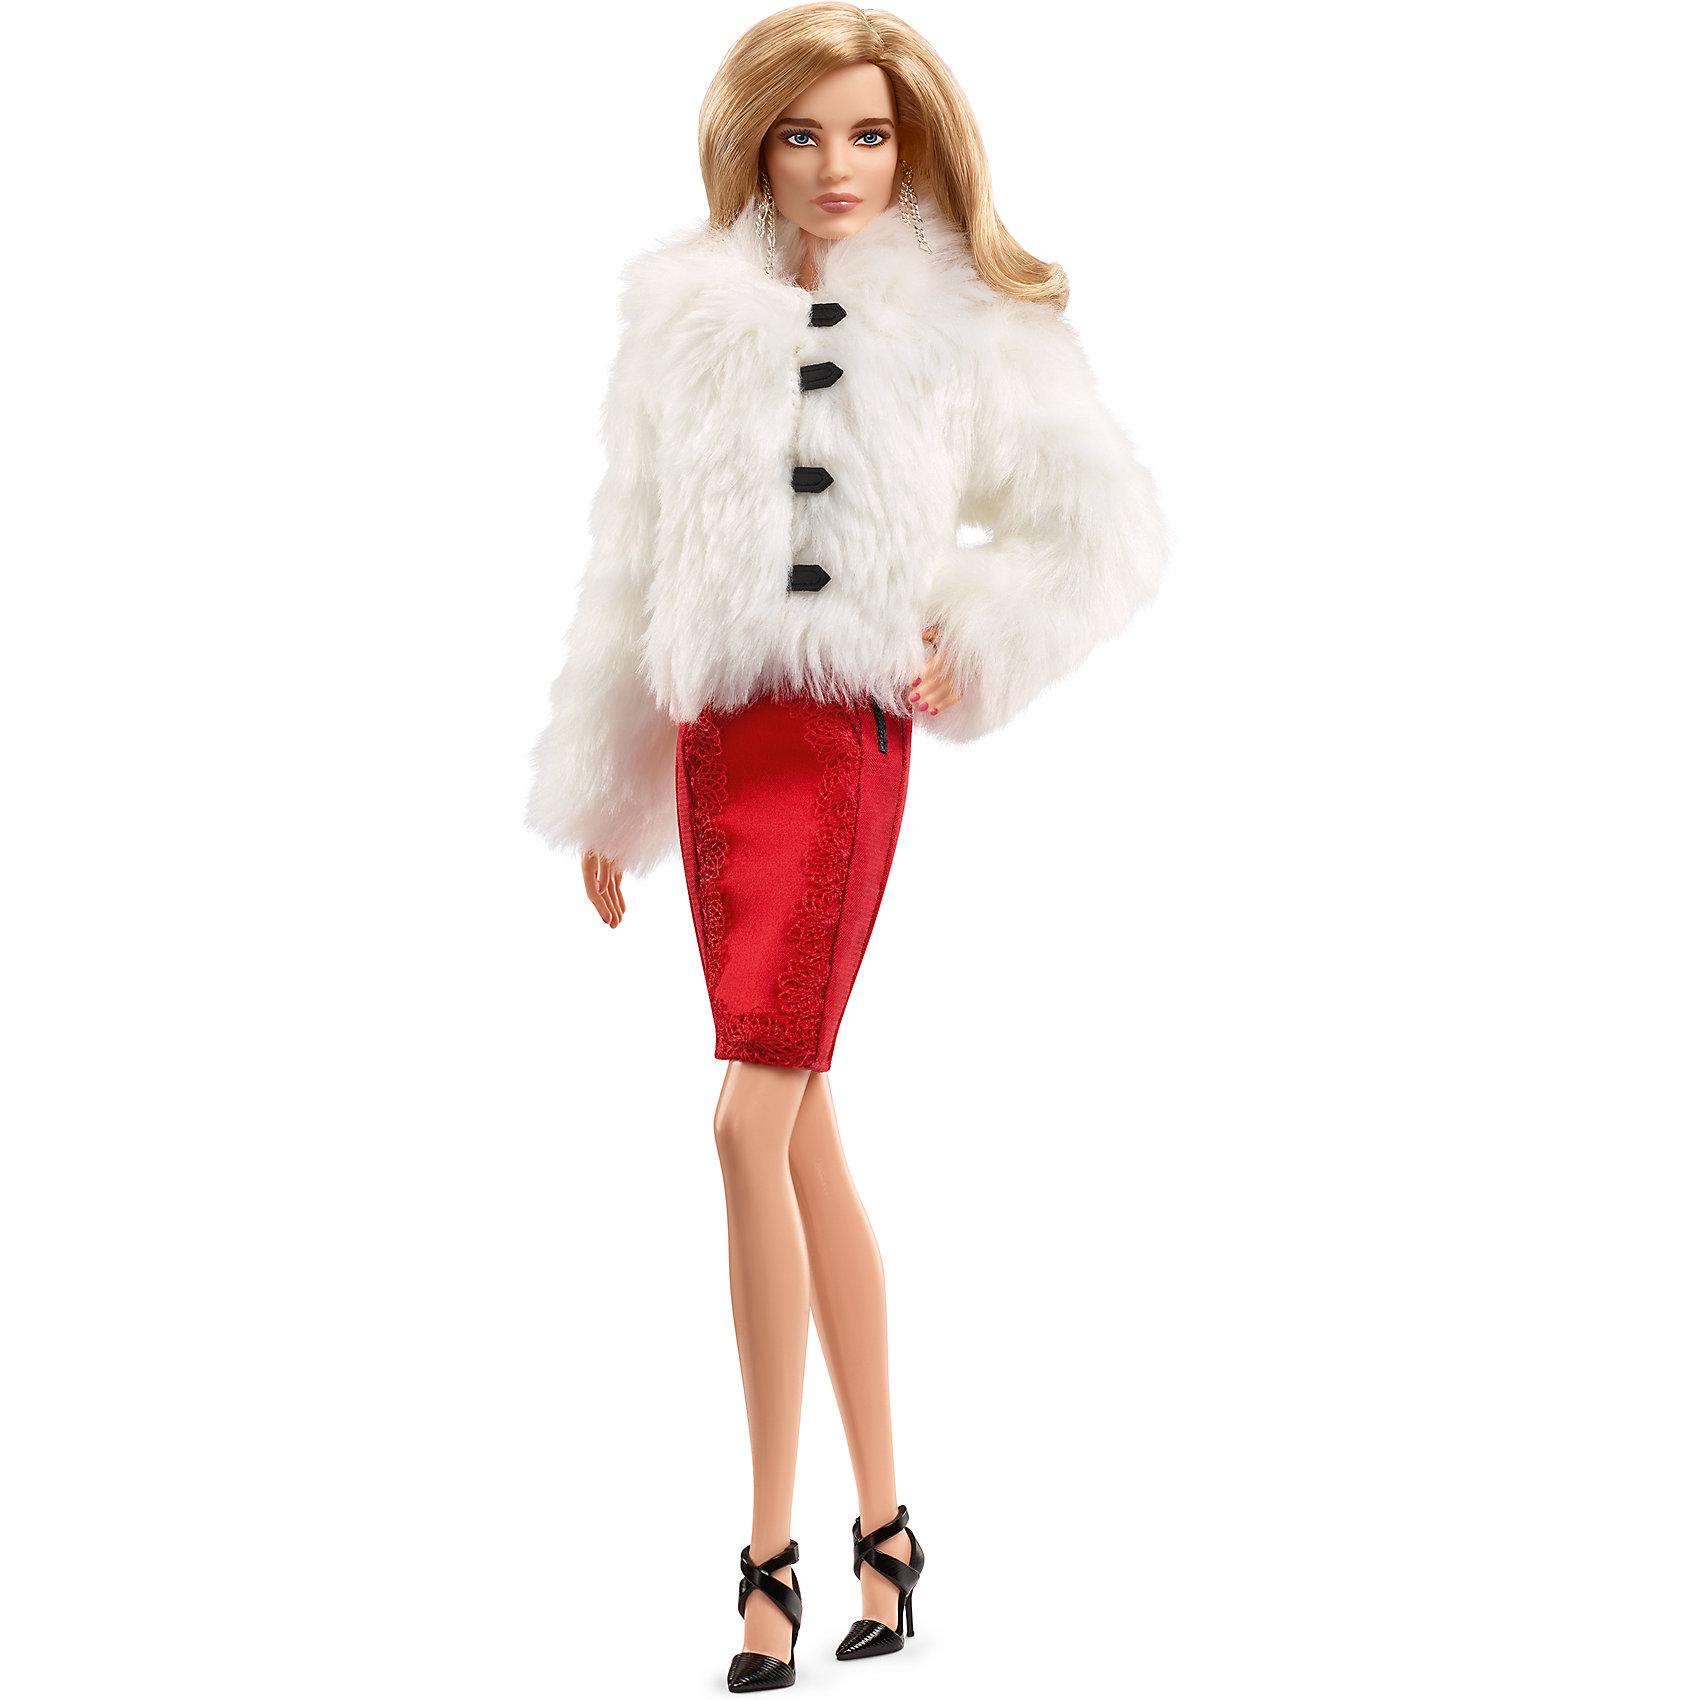 Коллекционная кукла Наталья Водянова, BarbieBarbie Игрушки<br>Коллекционная кукла Наталья Водянова, Barbie.<br><br>Характеристики:<br><br>• возраст: от 6 лет<br>• комплект: кукла в красном платье из тончайшего атласа и шубке из искусственного меха коллекции Louis Vuitton осень-зима 2015 , черные туфли на ремешках, серьги-цепочки.<br>• высота куклы: 28 см.<br>• состав: пластик, текстиль.<br>• размер упаковки: 20.5 х 8.5 х 33 см.<br>• вес: 0.3 кг.<br>• упаковка: картонная коробка блистерного типа.<br>• страна обладатель бренда: США.<br>• страна производитель: Индонезия.<br><br>Компания Mattel выпустила первую русскую куклу Barbie, прообразом которой стала модель, общественный деятель, филантропист Наталья Водянова. Это первый проект подобного рода в России, когда кукла стала прототипом конкретного человека. Кукла одета в шикарное красное платье и шубку из белого меха, на ногах черные босоножки. Наряд для неё разработан Николя Гескьер – креативным директором Louis Vuitton. Коллекционная кукла Наталья Водянова, Barbie» поступила в продажу ограниченным тиражом под маркой Black Label.<br><br>Коллекционную куклу Наталья Водянова, Barbie можно купить в нашем интернет-магазине<br><br>Ширина мм: 205<br>Глубина мм: 85<br>Высота мм: 330<br>Вес г: 547<br>Возраст от месяцев: 72<br>Возраст до месяцев: 144<br>Пол: Женский<br>Возраст: Детский<br>SKU: 5378141